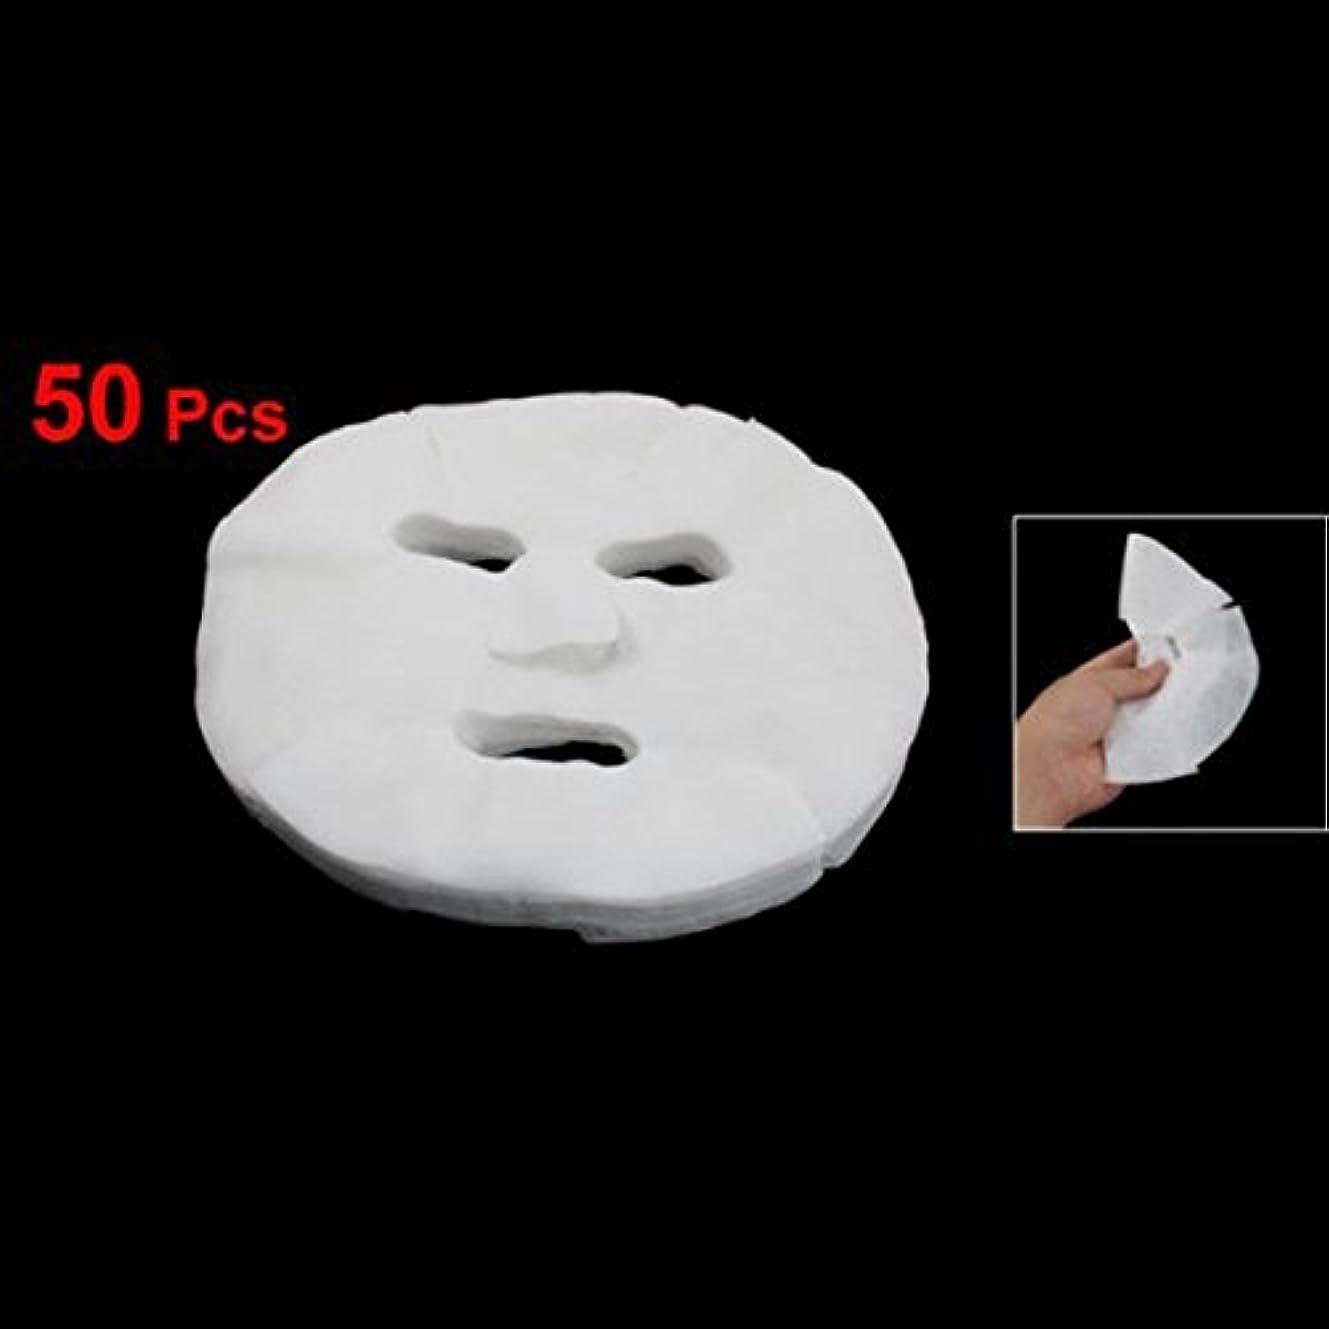 効率的に元気なオレンジRETYLY RETYLY(R)50pcs女性の化粧品拡大コットンフェイシャルマスクシート